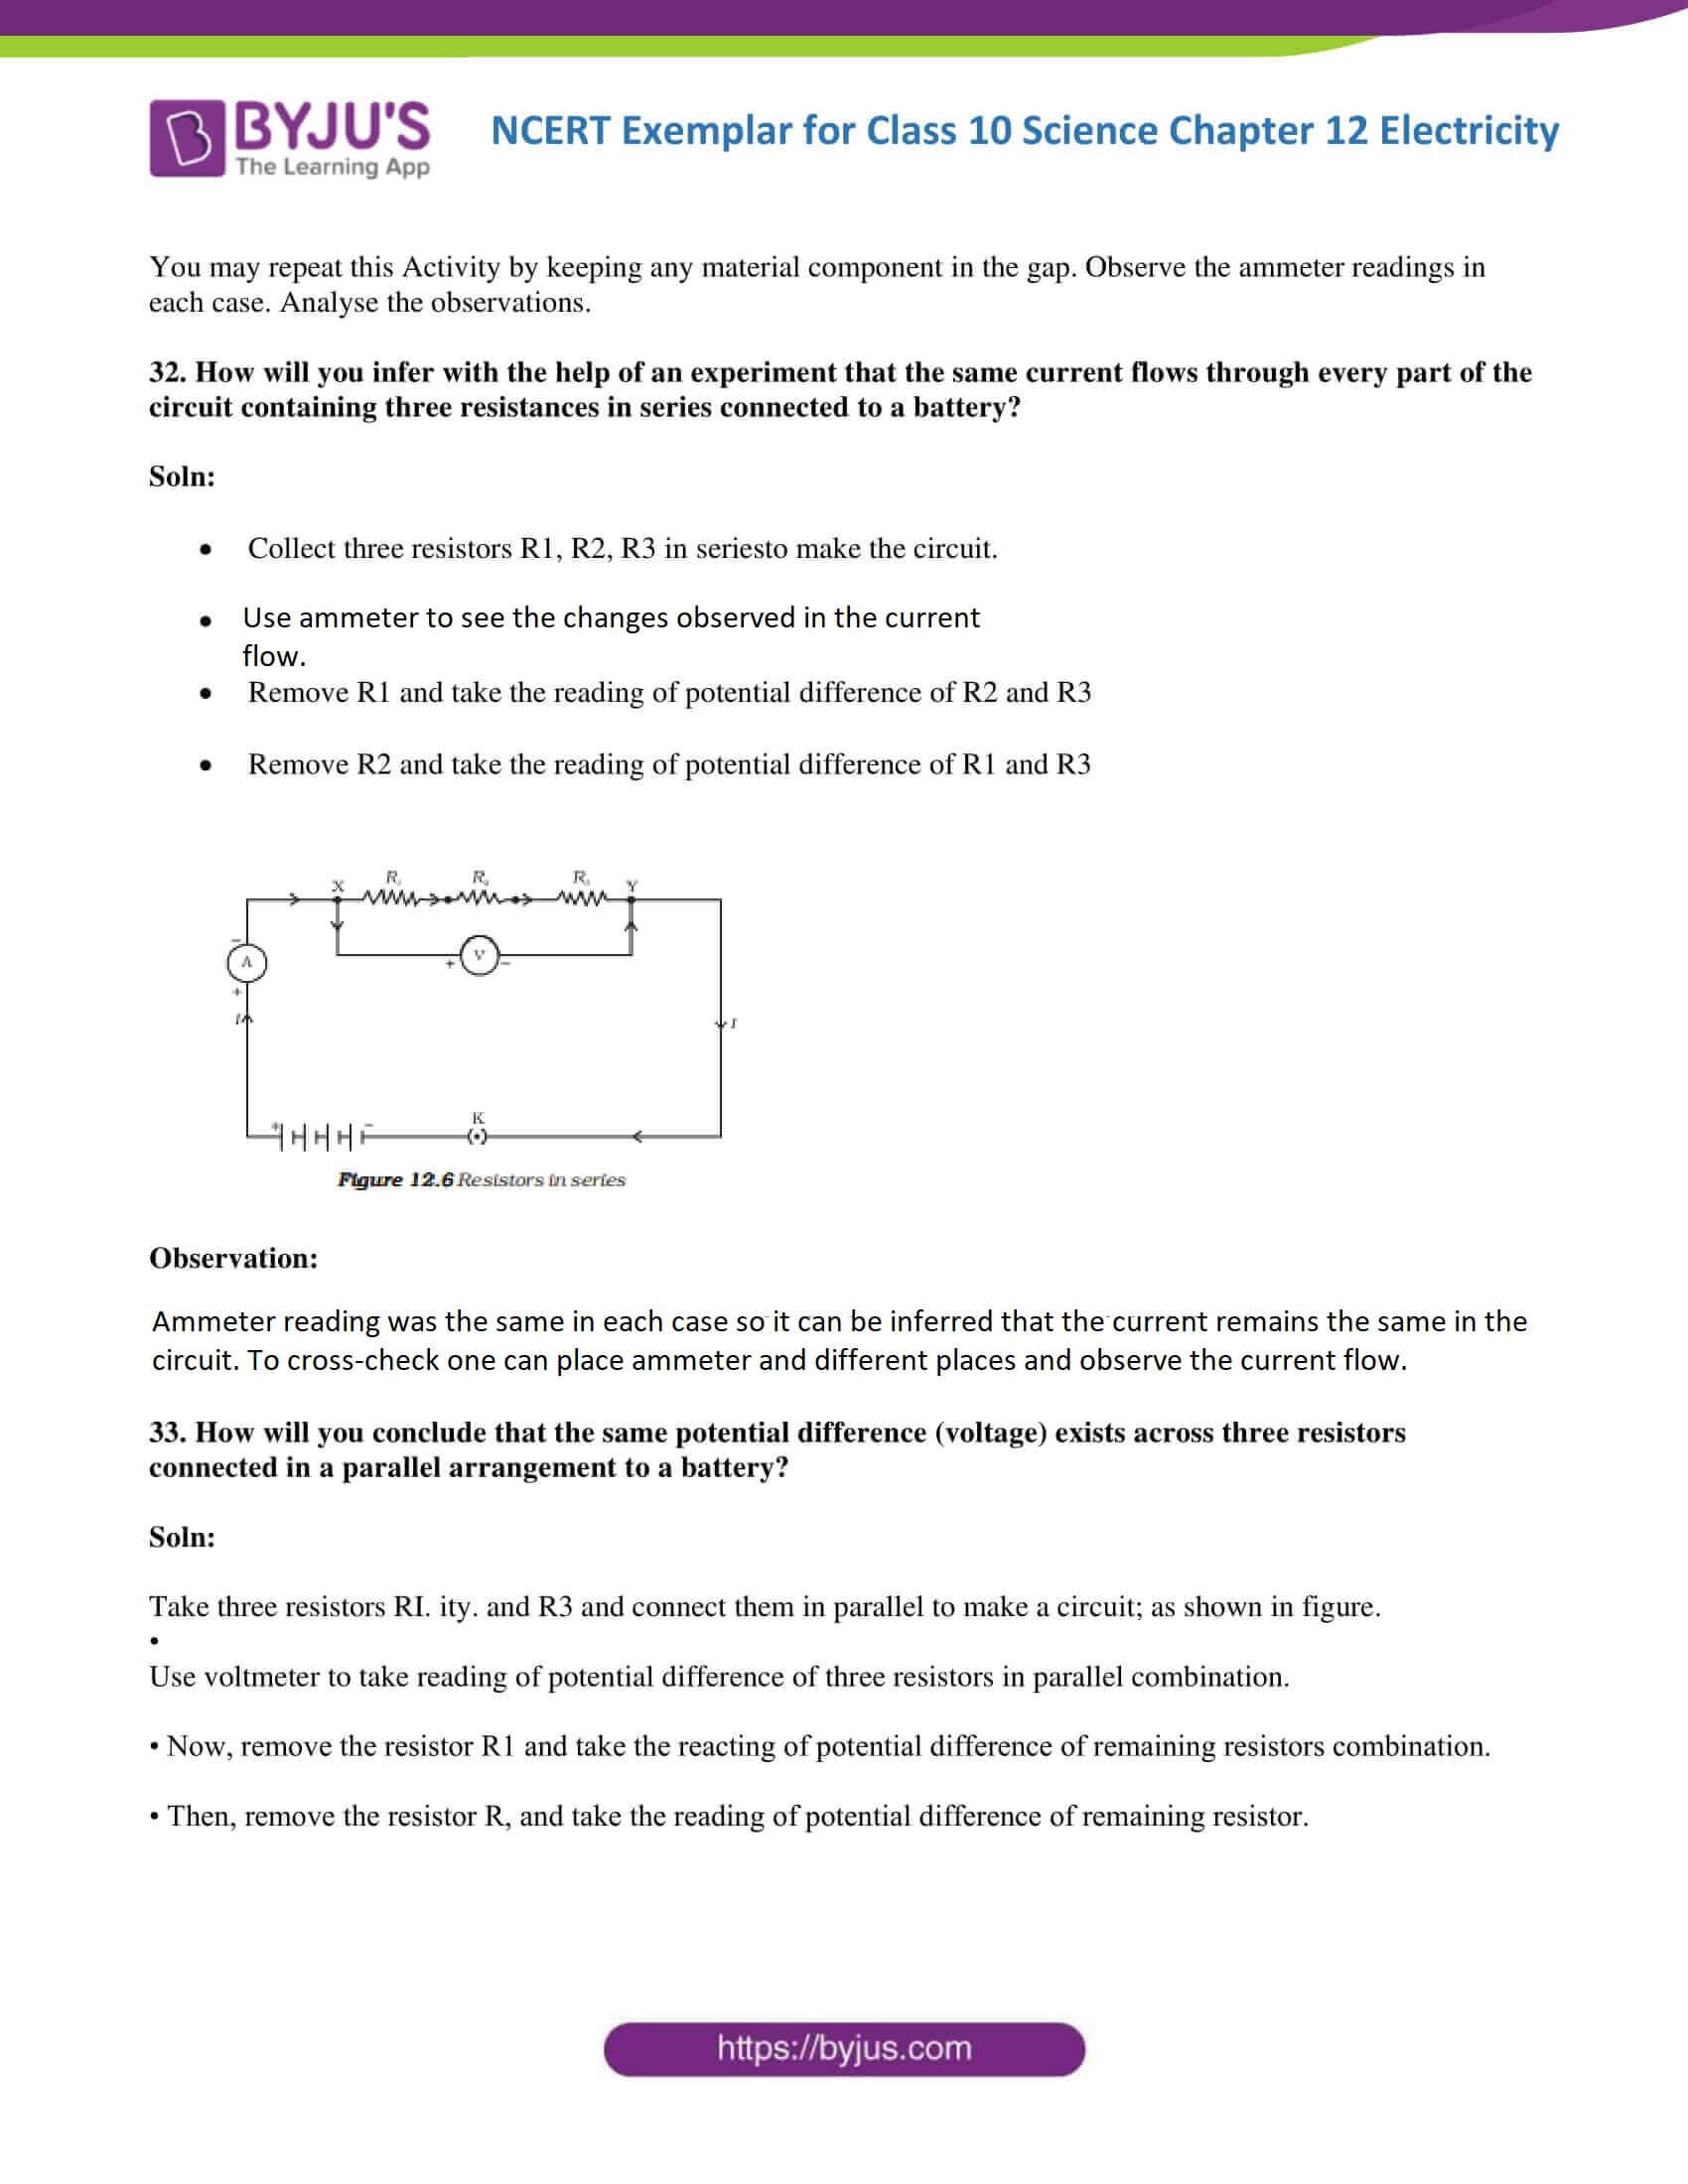 NCERT Exemplar solutions class 10 science Chapter 12 part 16